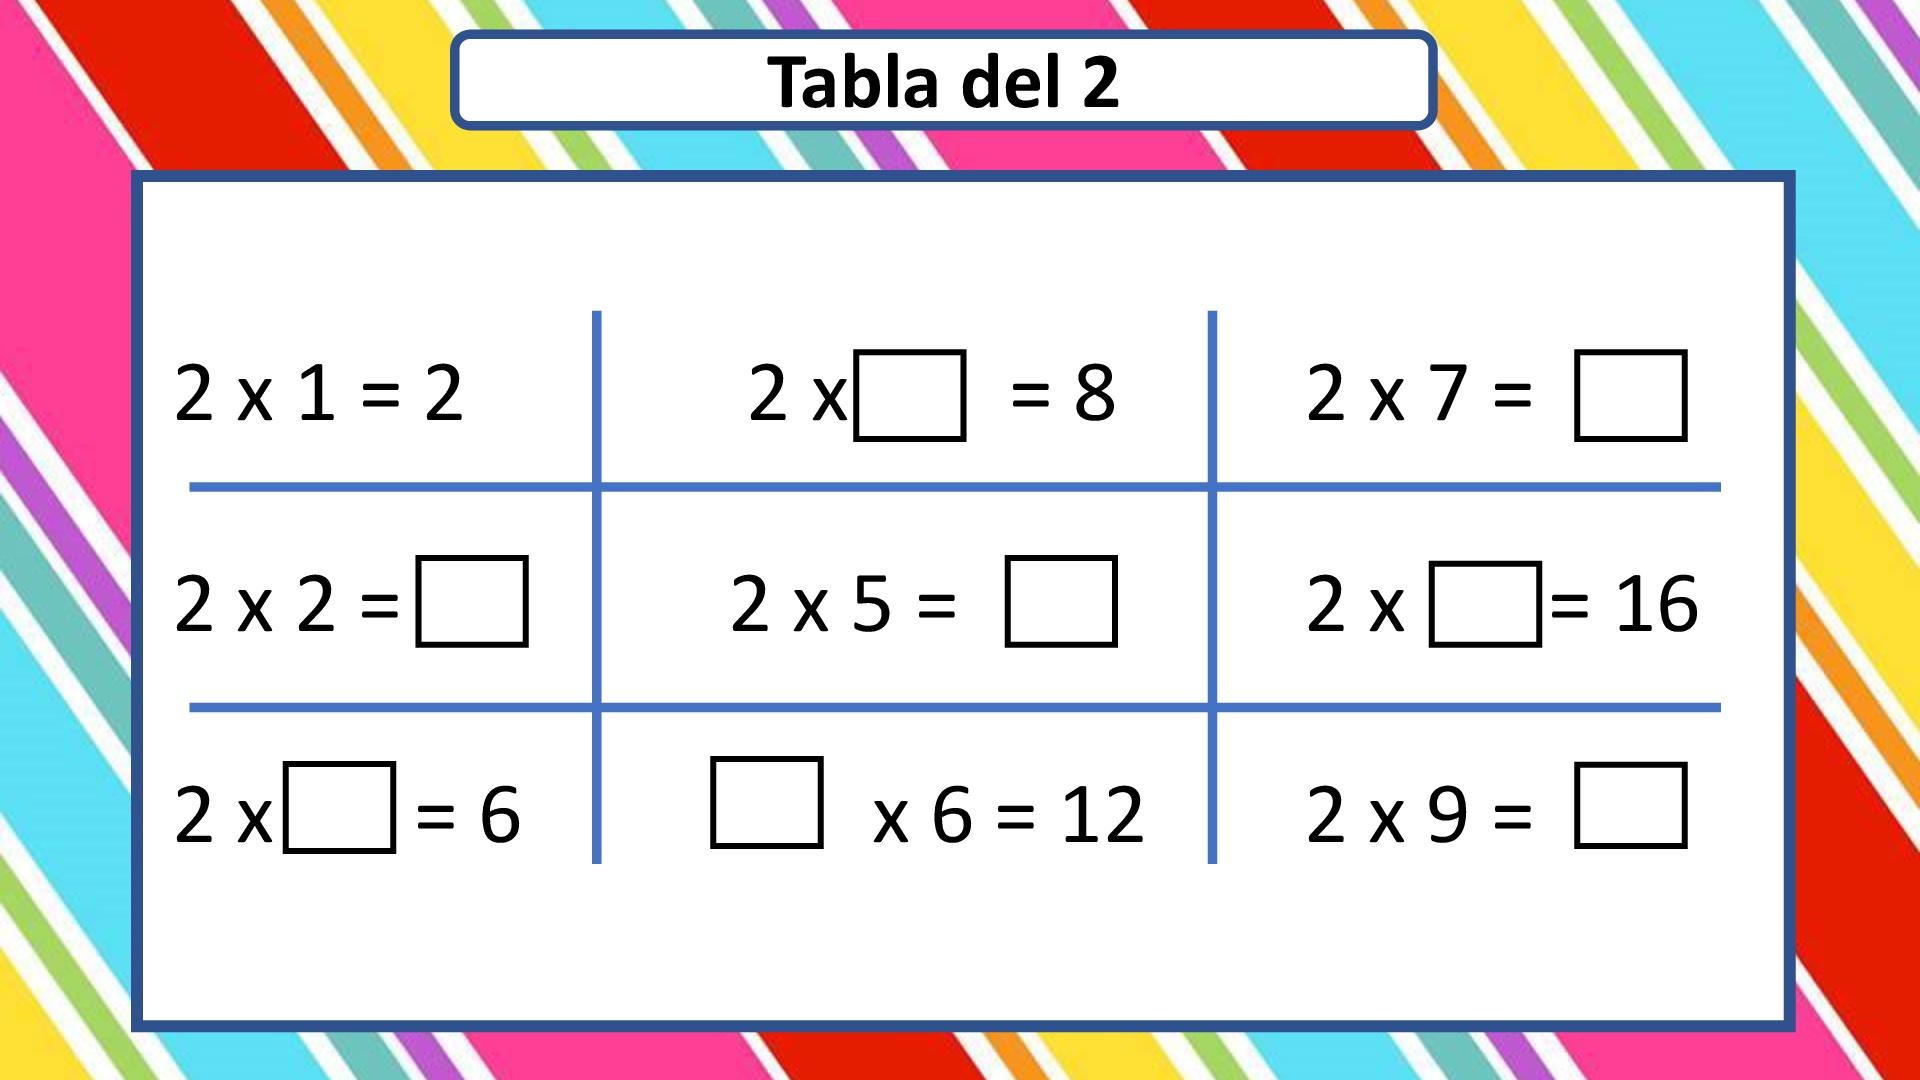 Actividades-para-trabajar-las-tablas-de-multiplicar-001 (2 ...